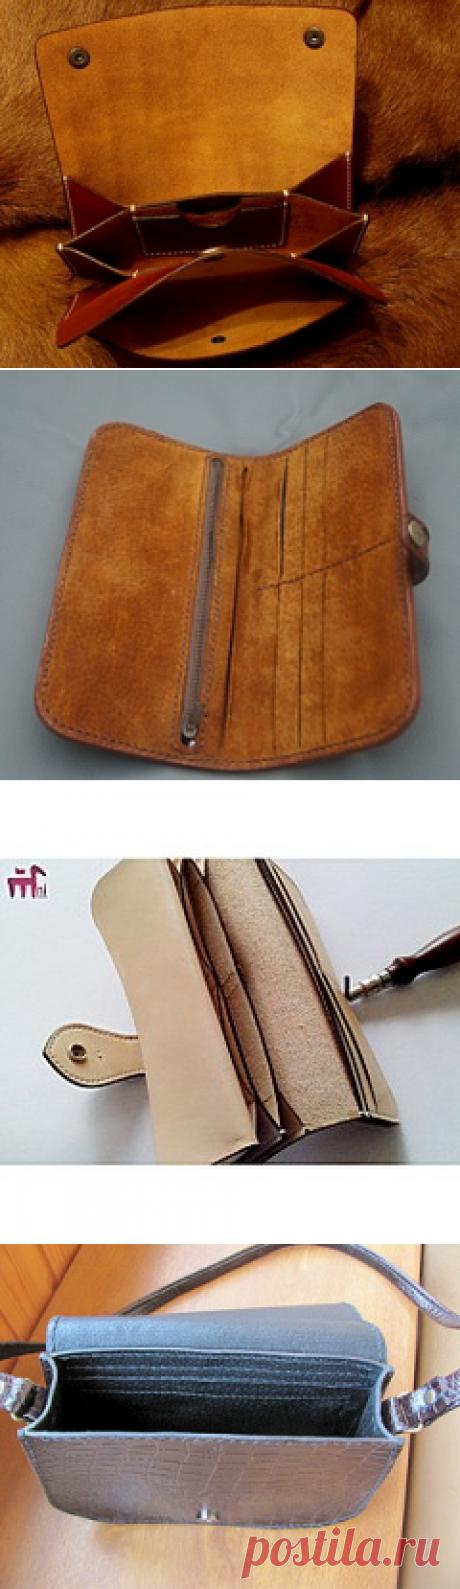 Выкройки-лекала для сумок, портмоне, кошельков - Guns.ru Talks